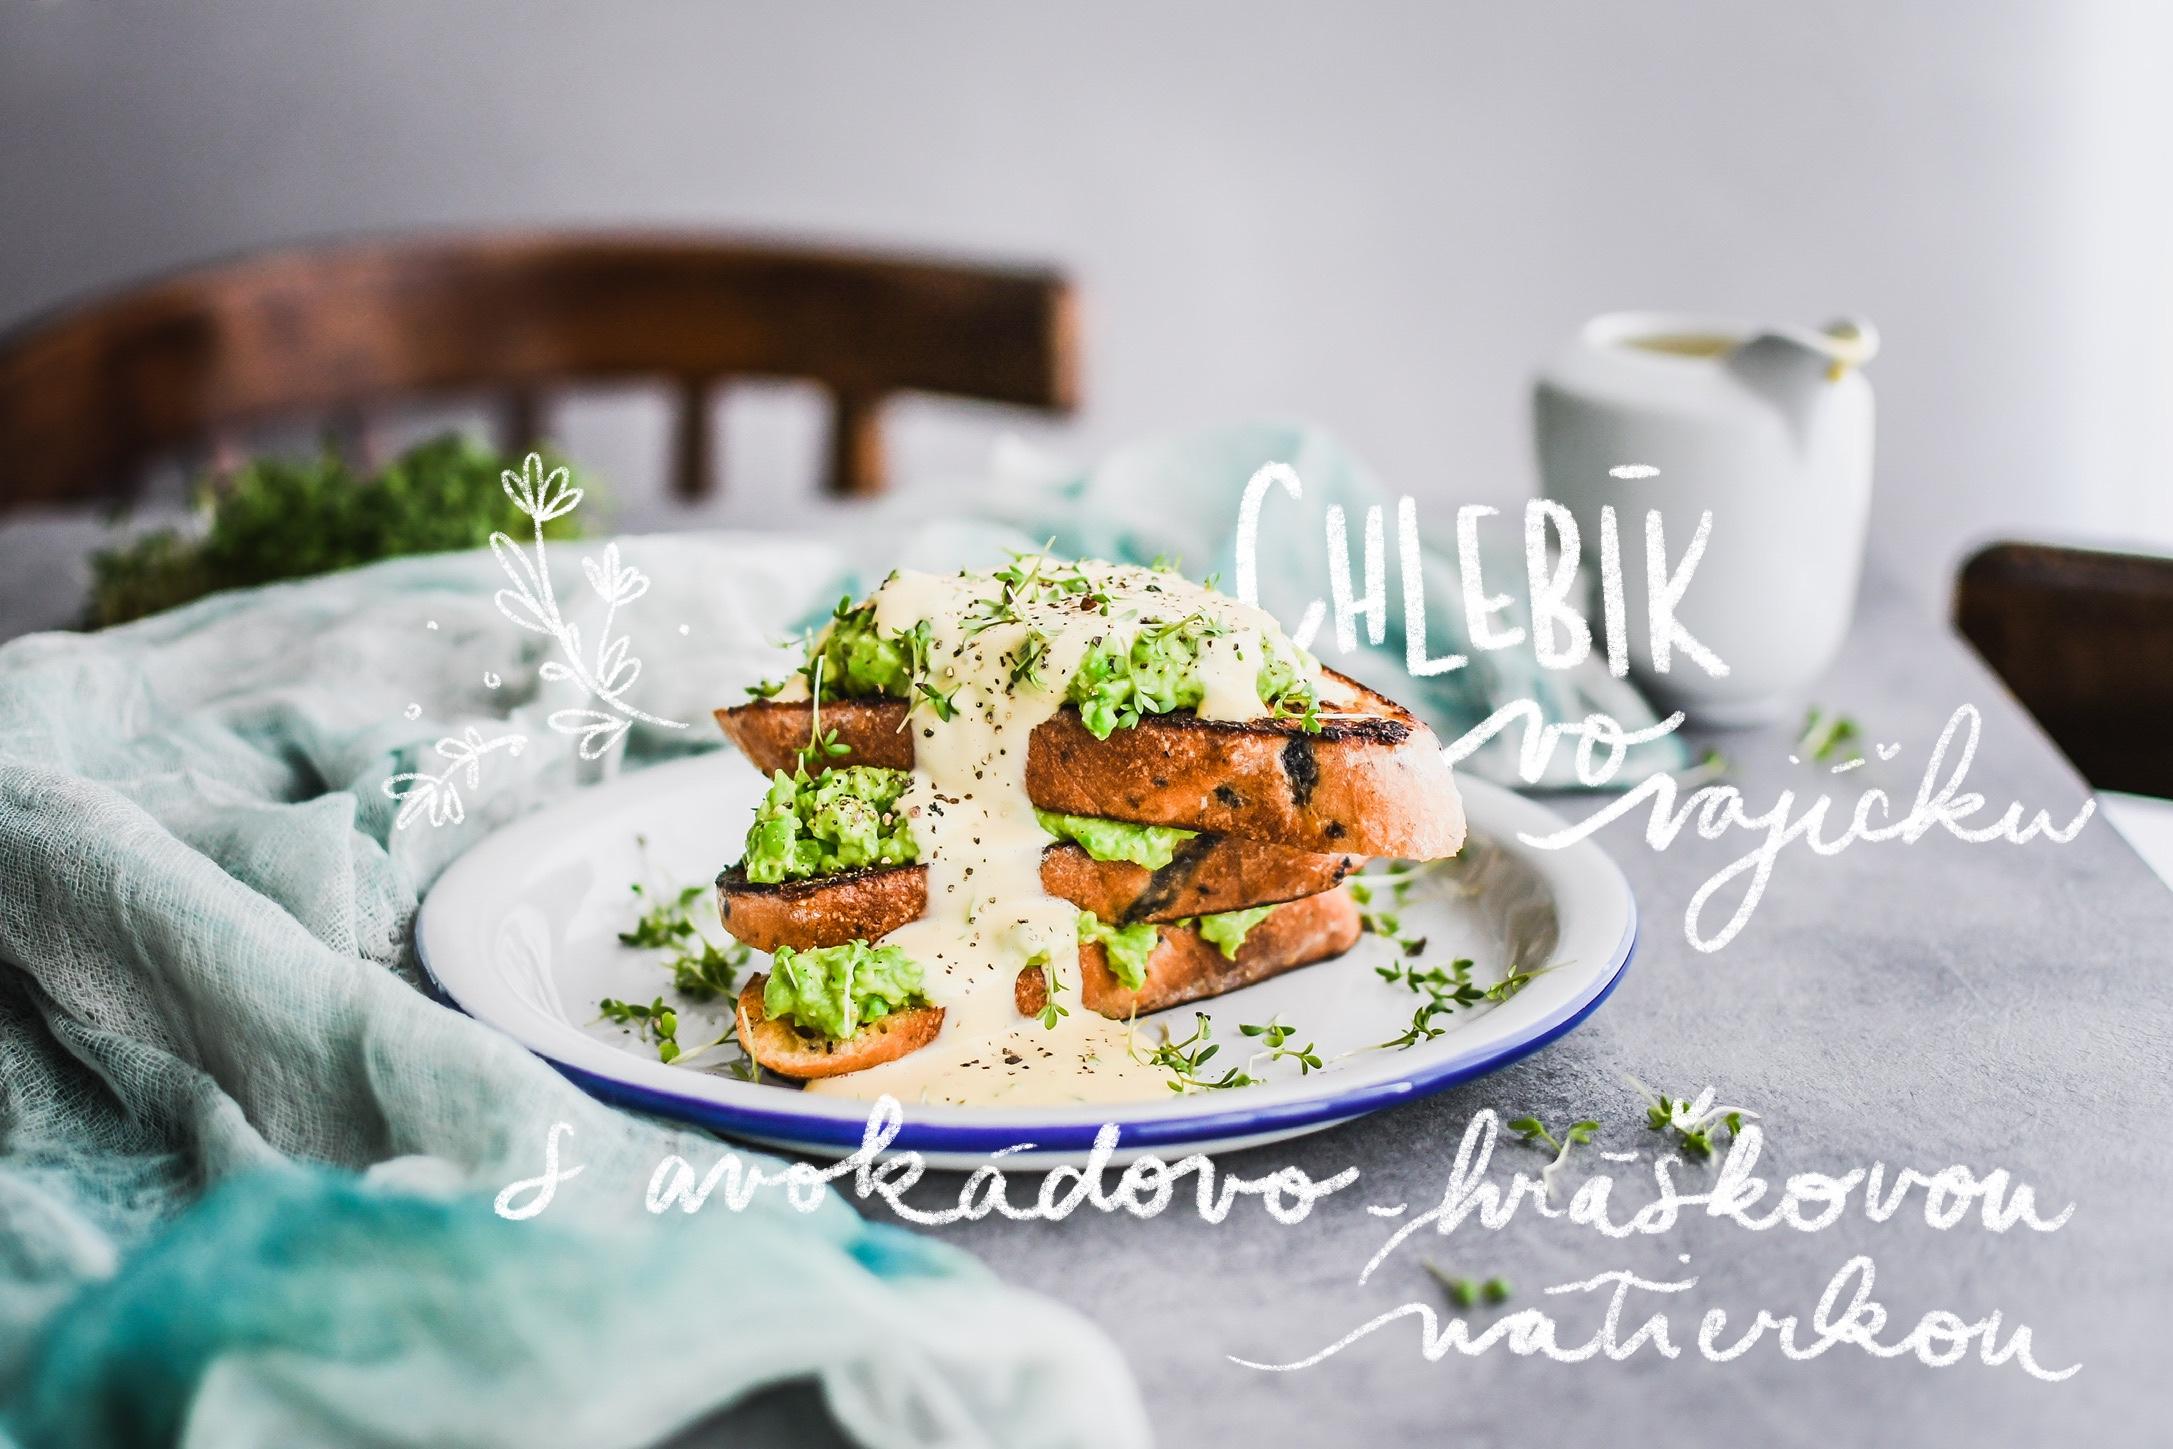 chleba vo vajicku french toast